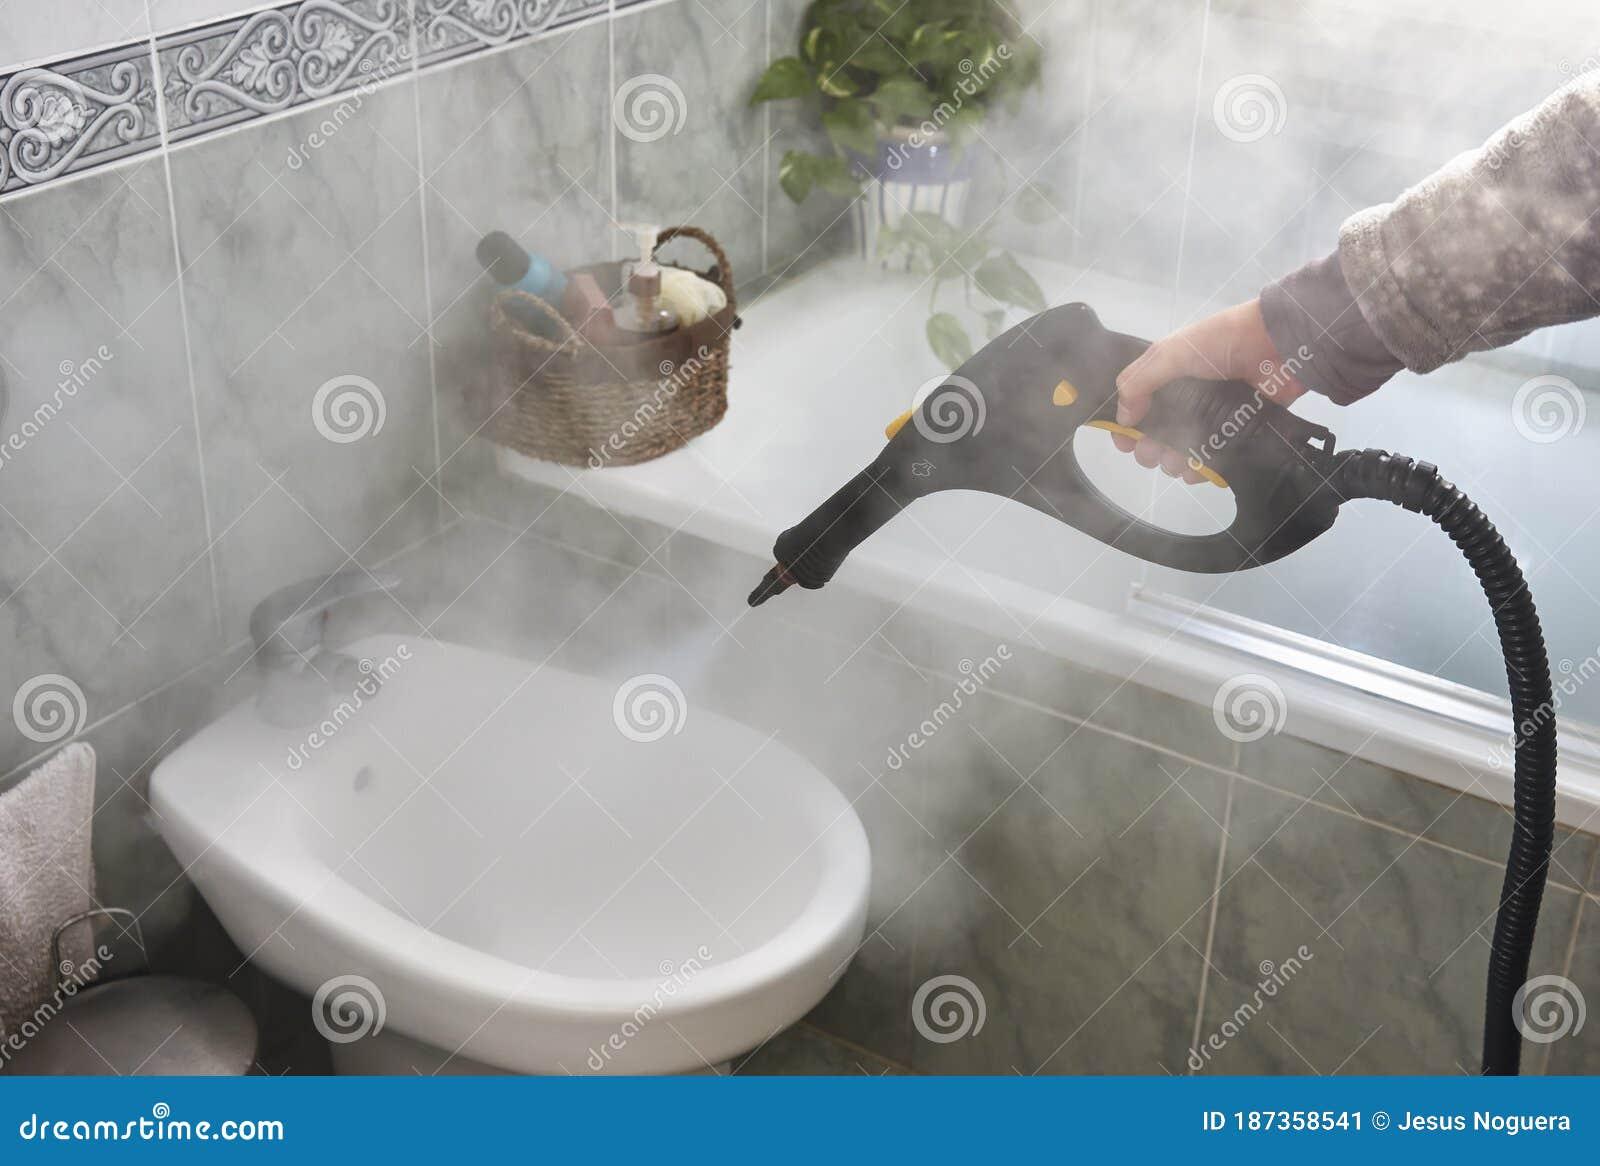 Reinigung Und Desinfektion Mit Dampfmaschine Stockbild   Bild von ...